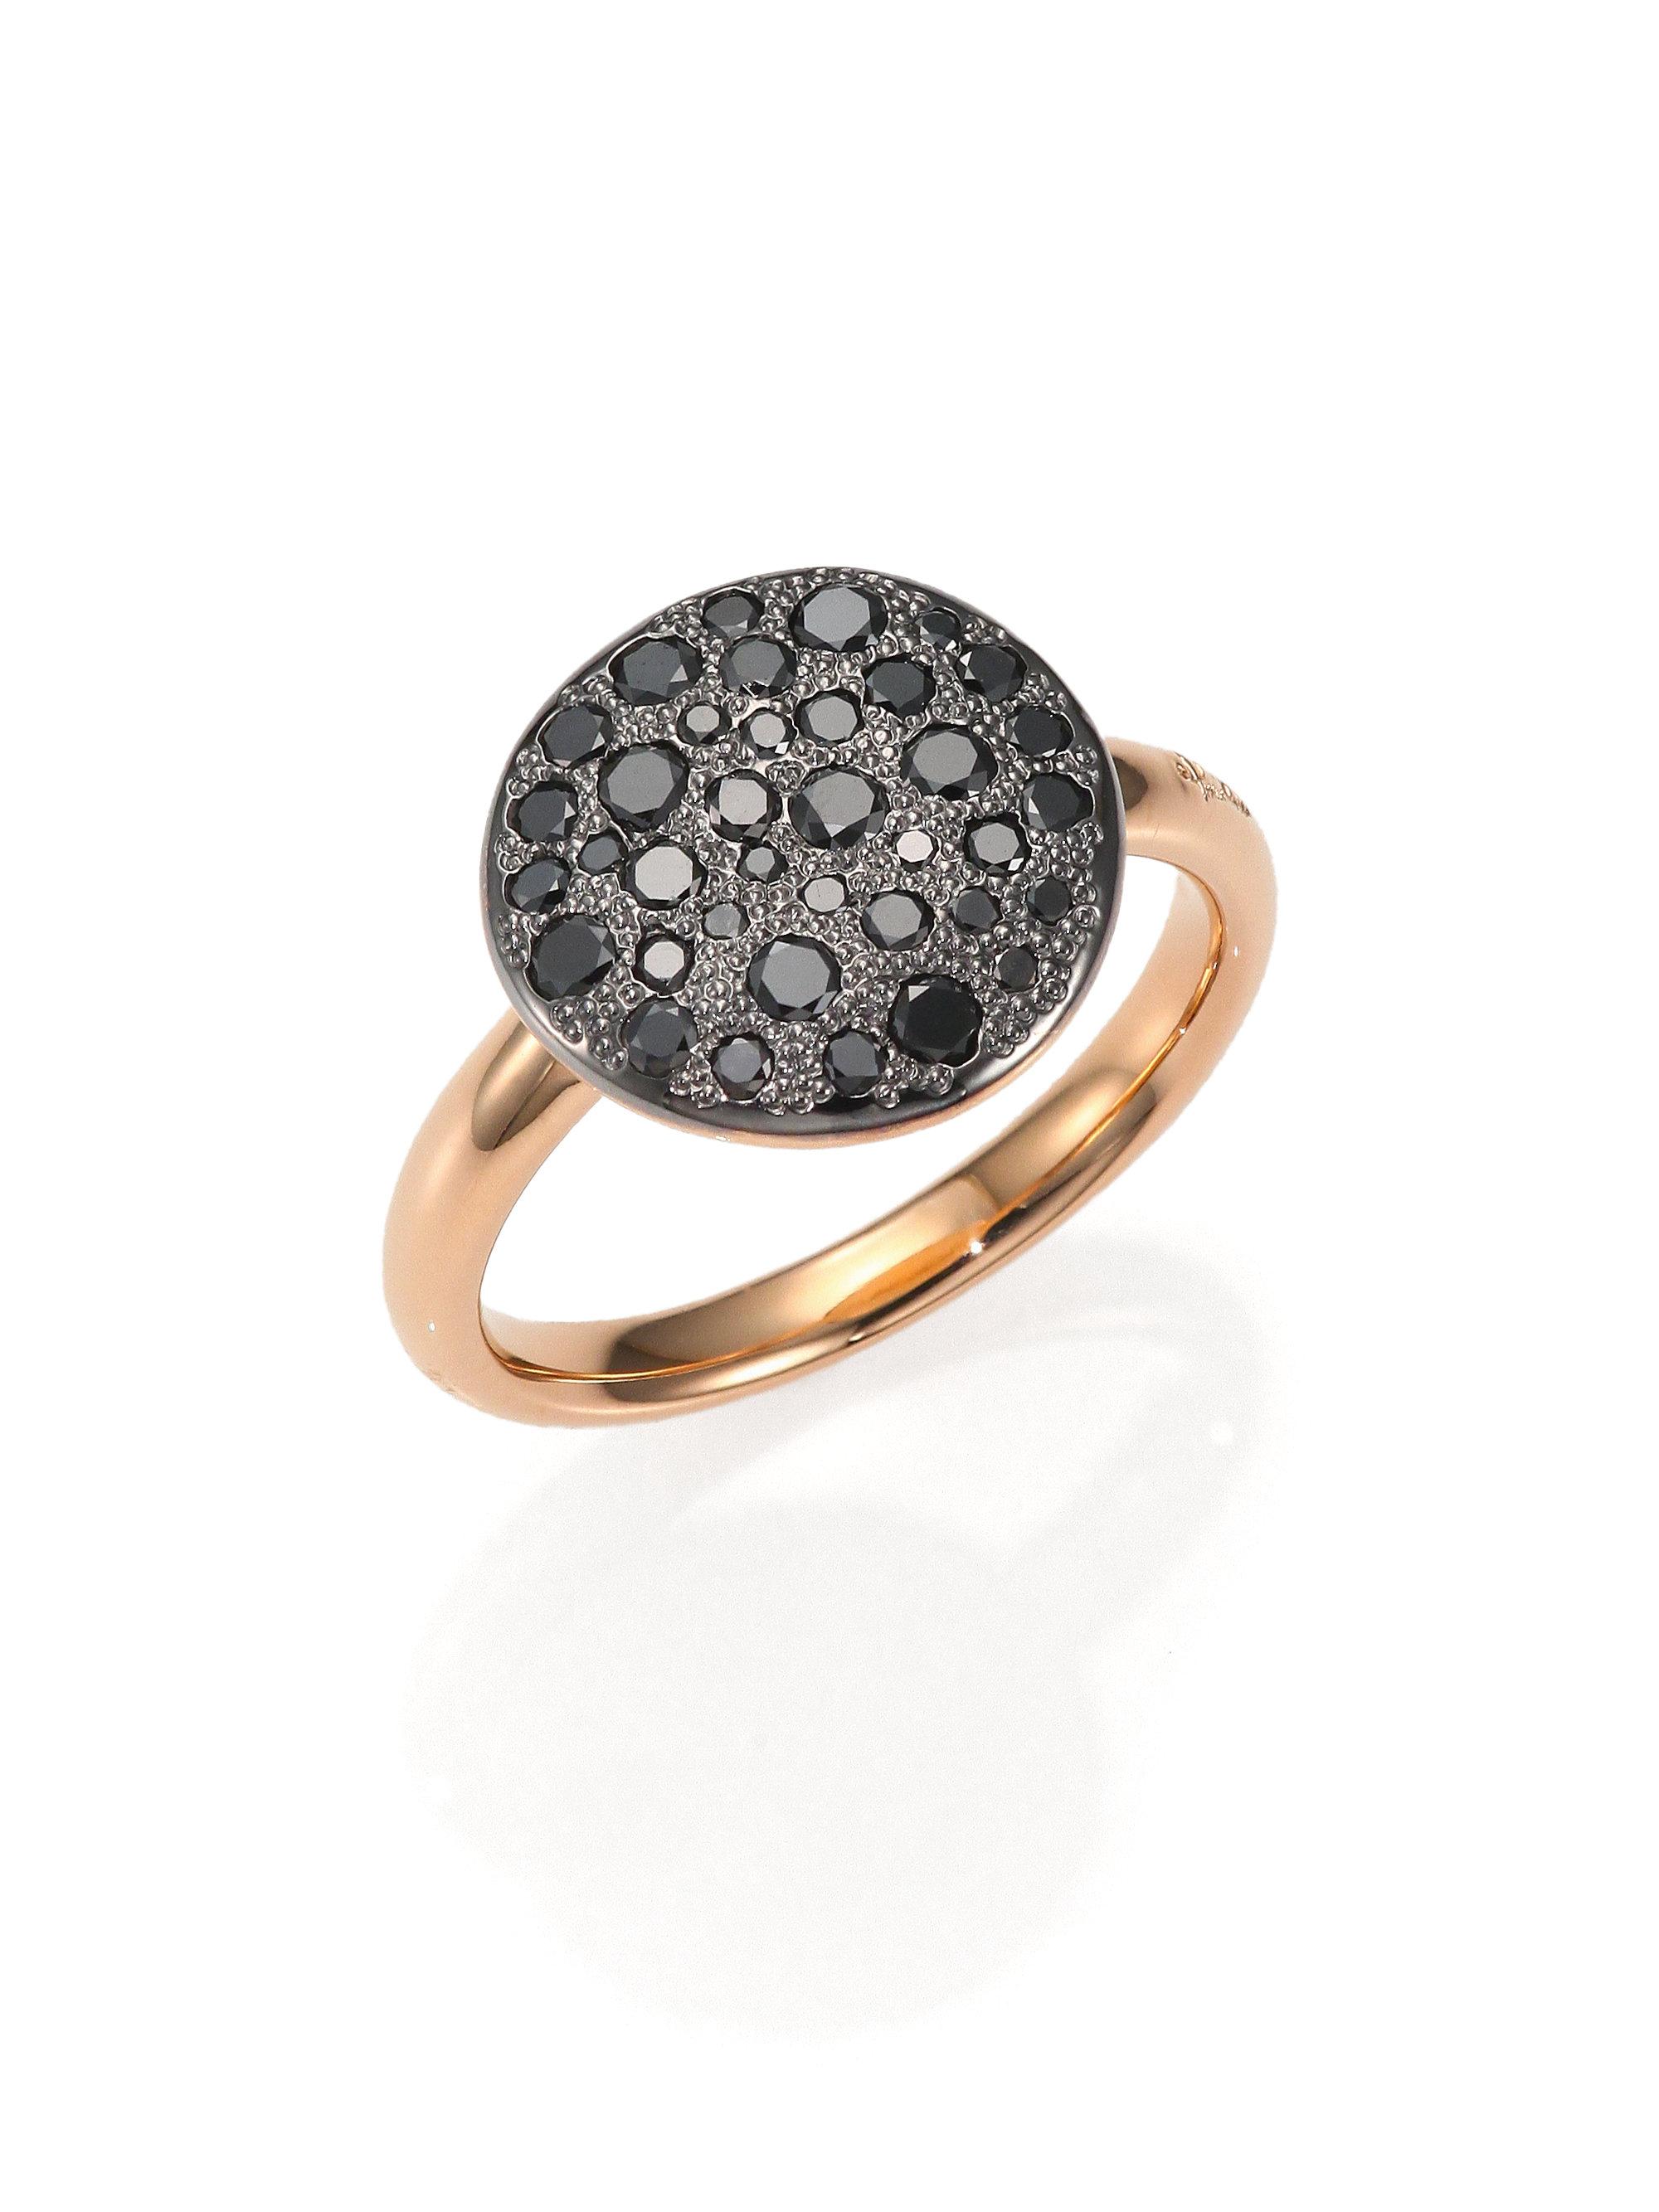 Pomellato Sabbia Black Diamond & 18k Rose Gold Ring in